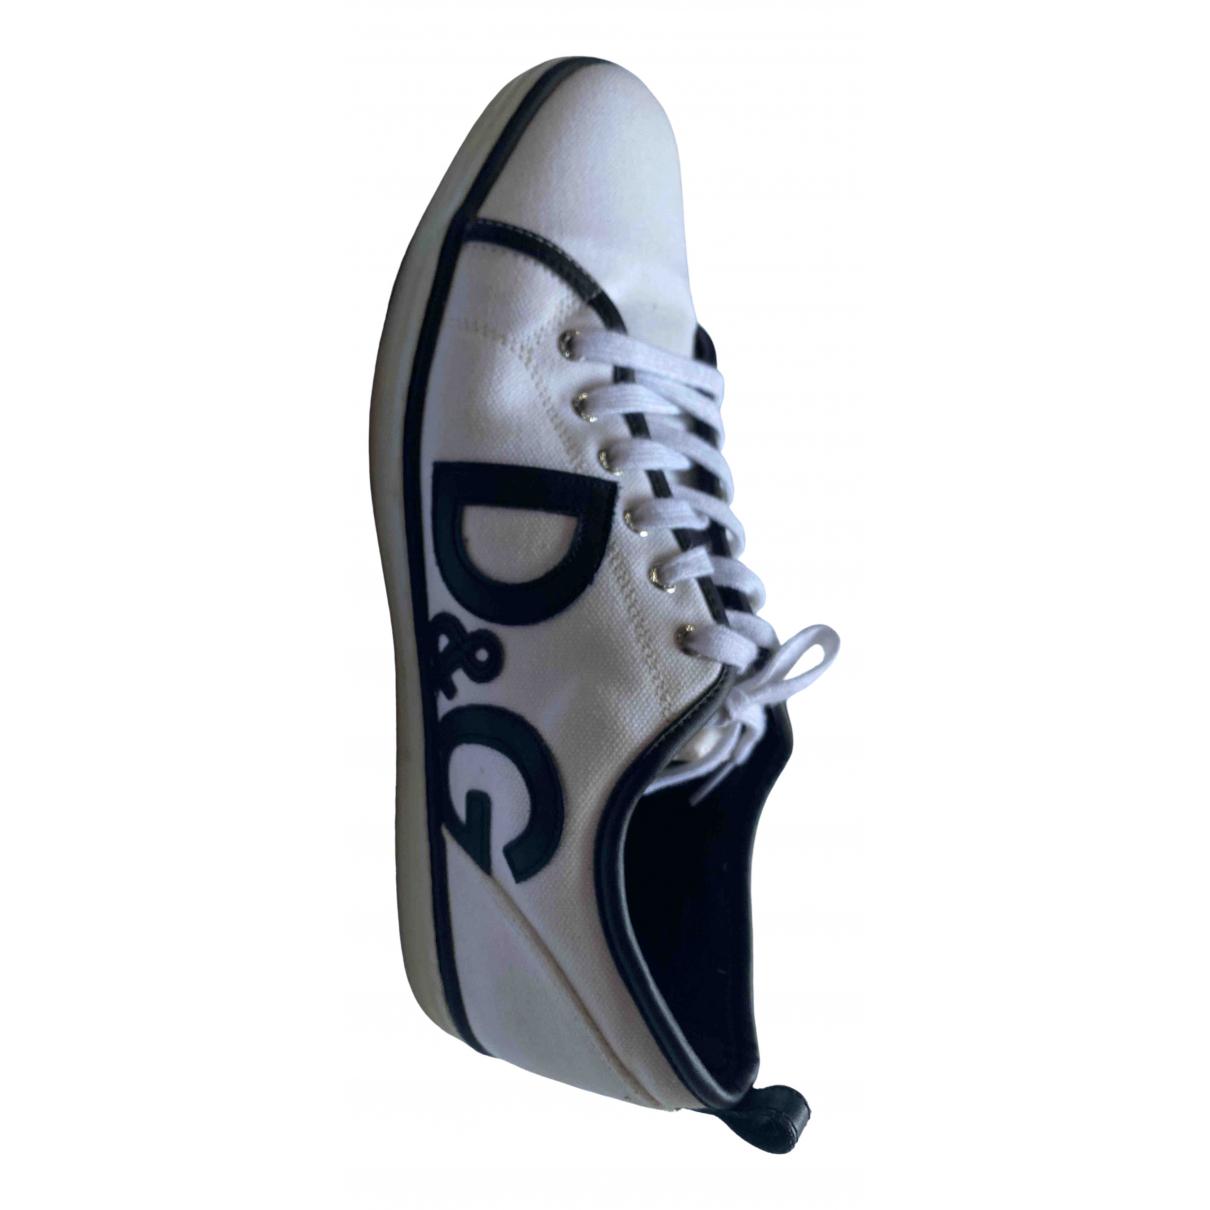 D&g \N Sneakers in  Weiss Leinen